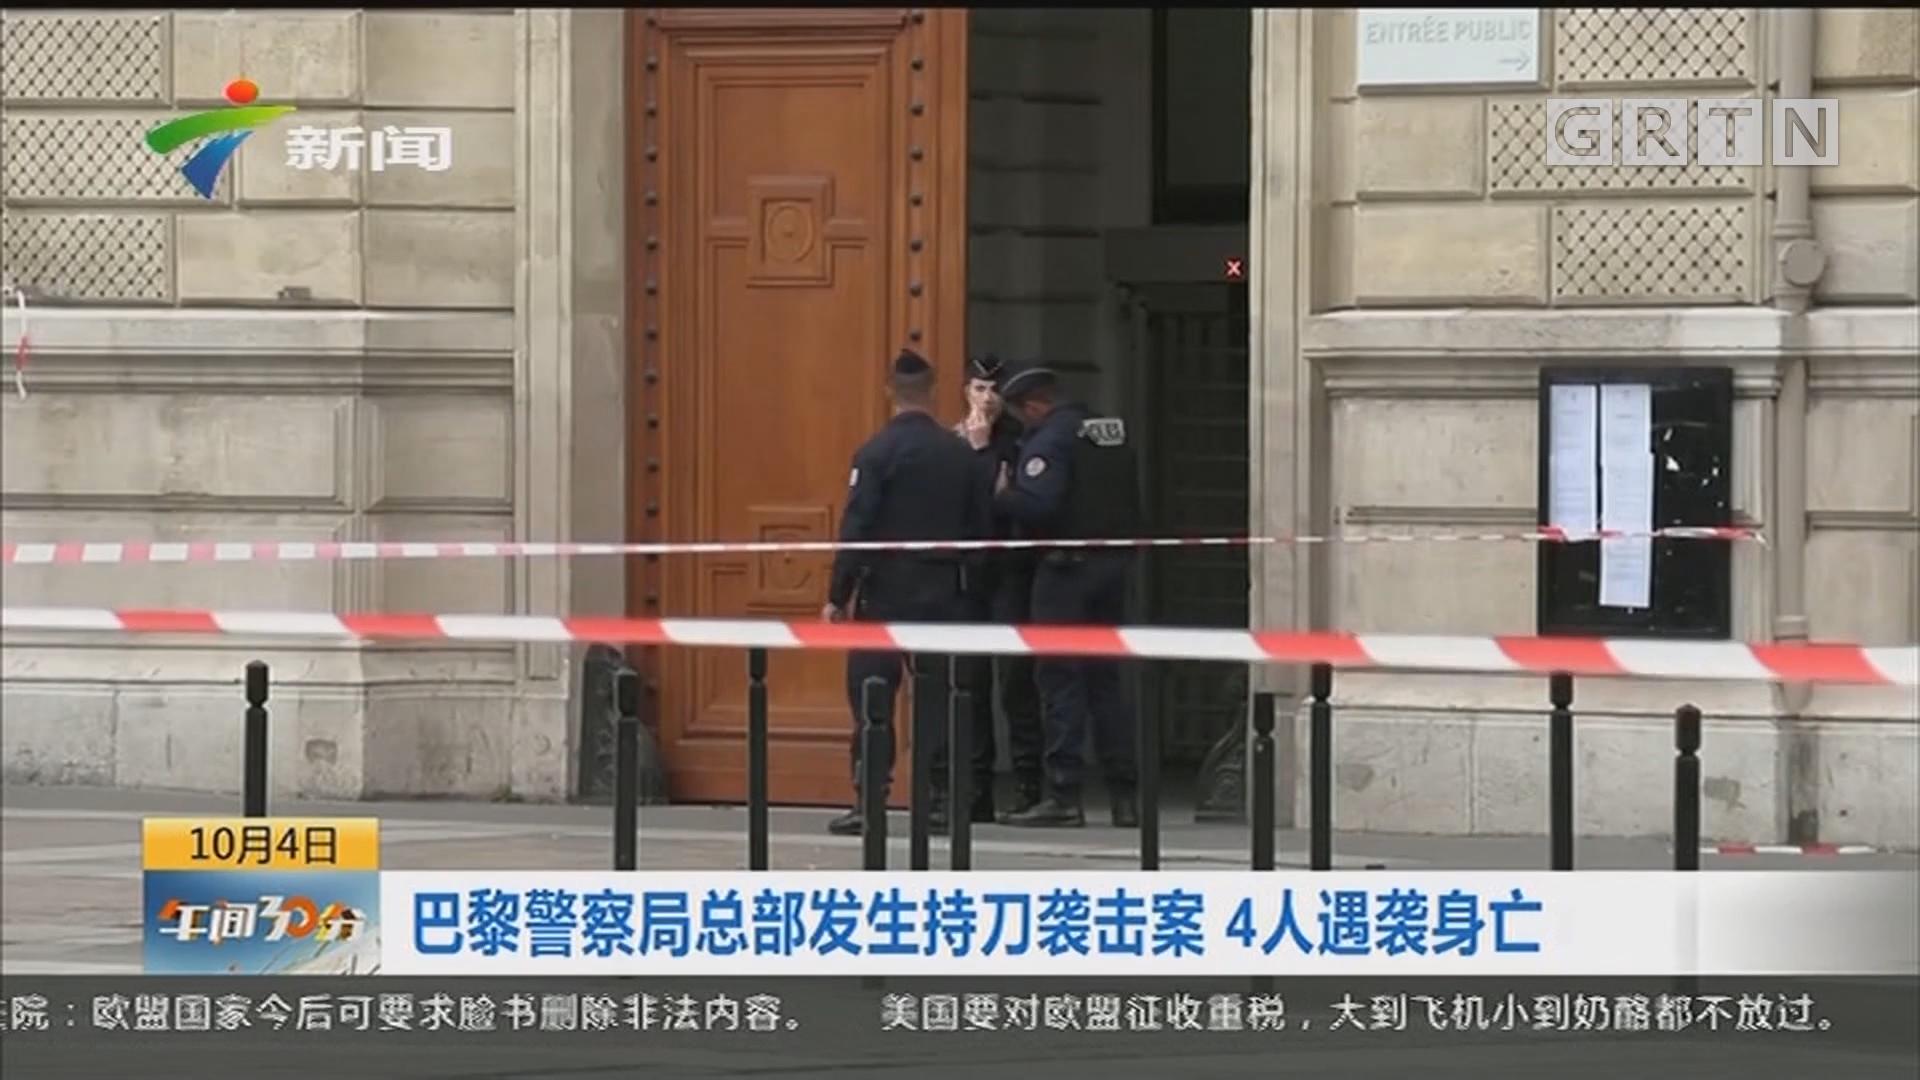 巴黎警察局总部发生持刀袭击案 4人遇袭身亡